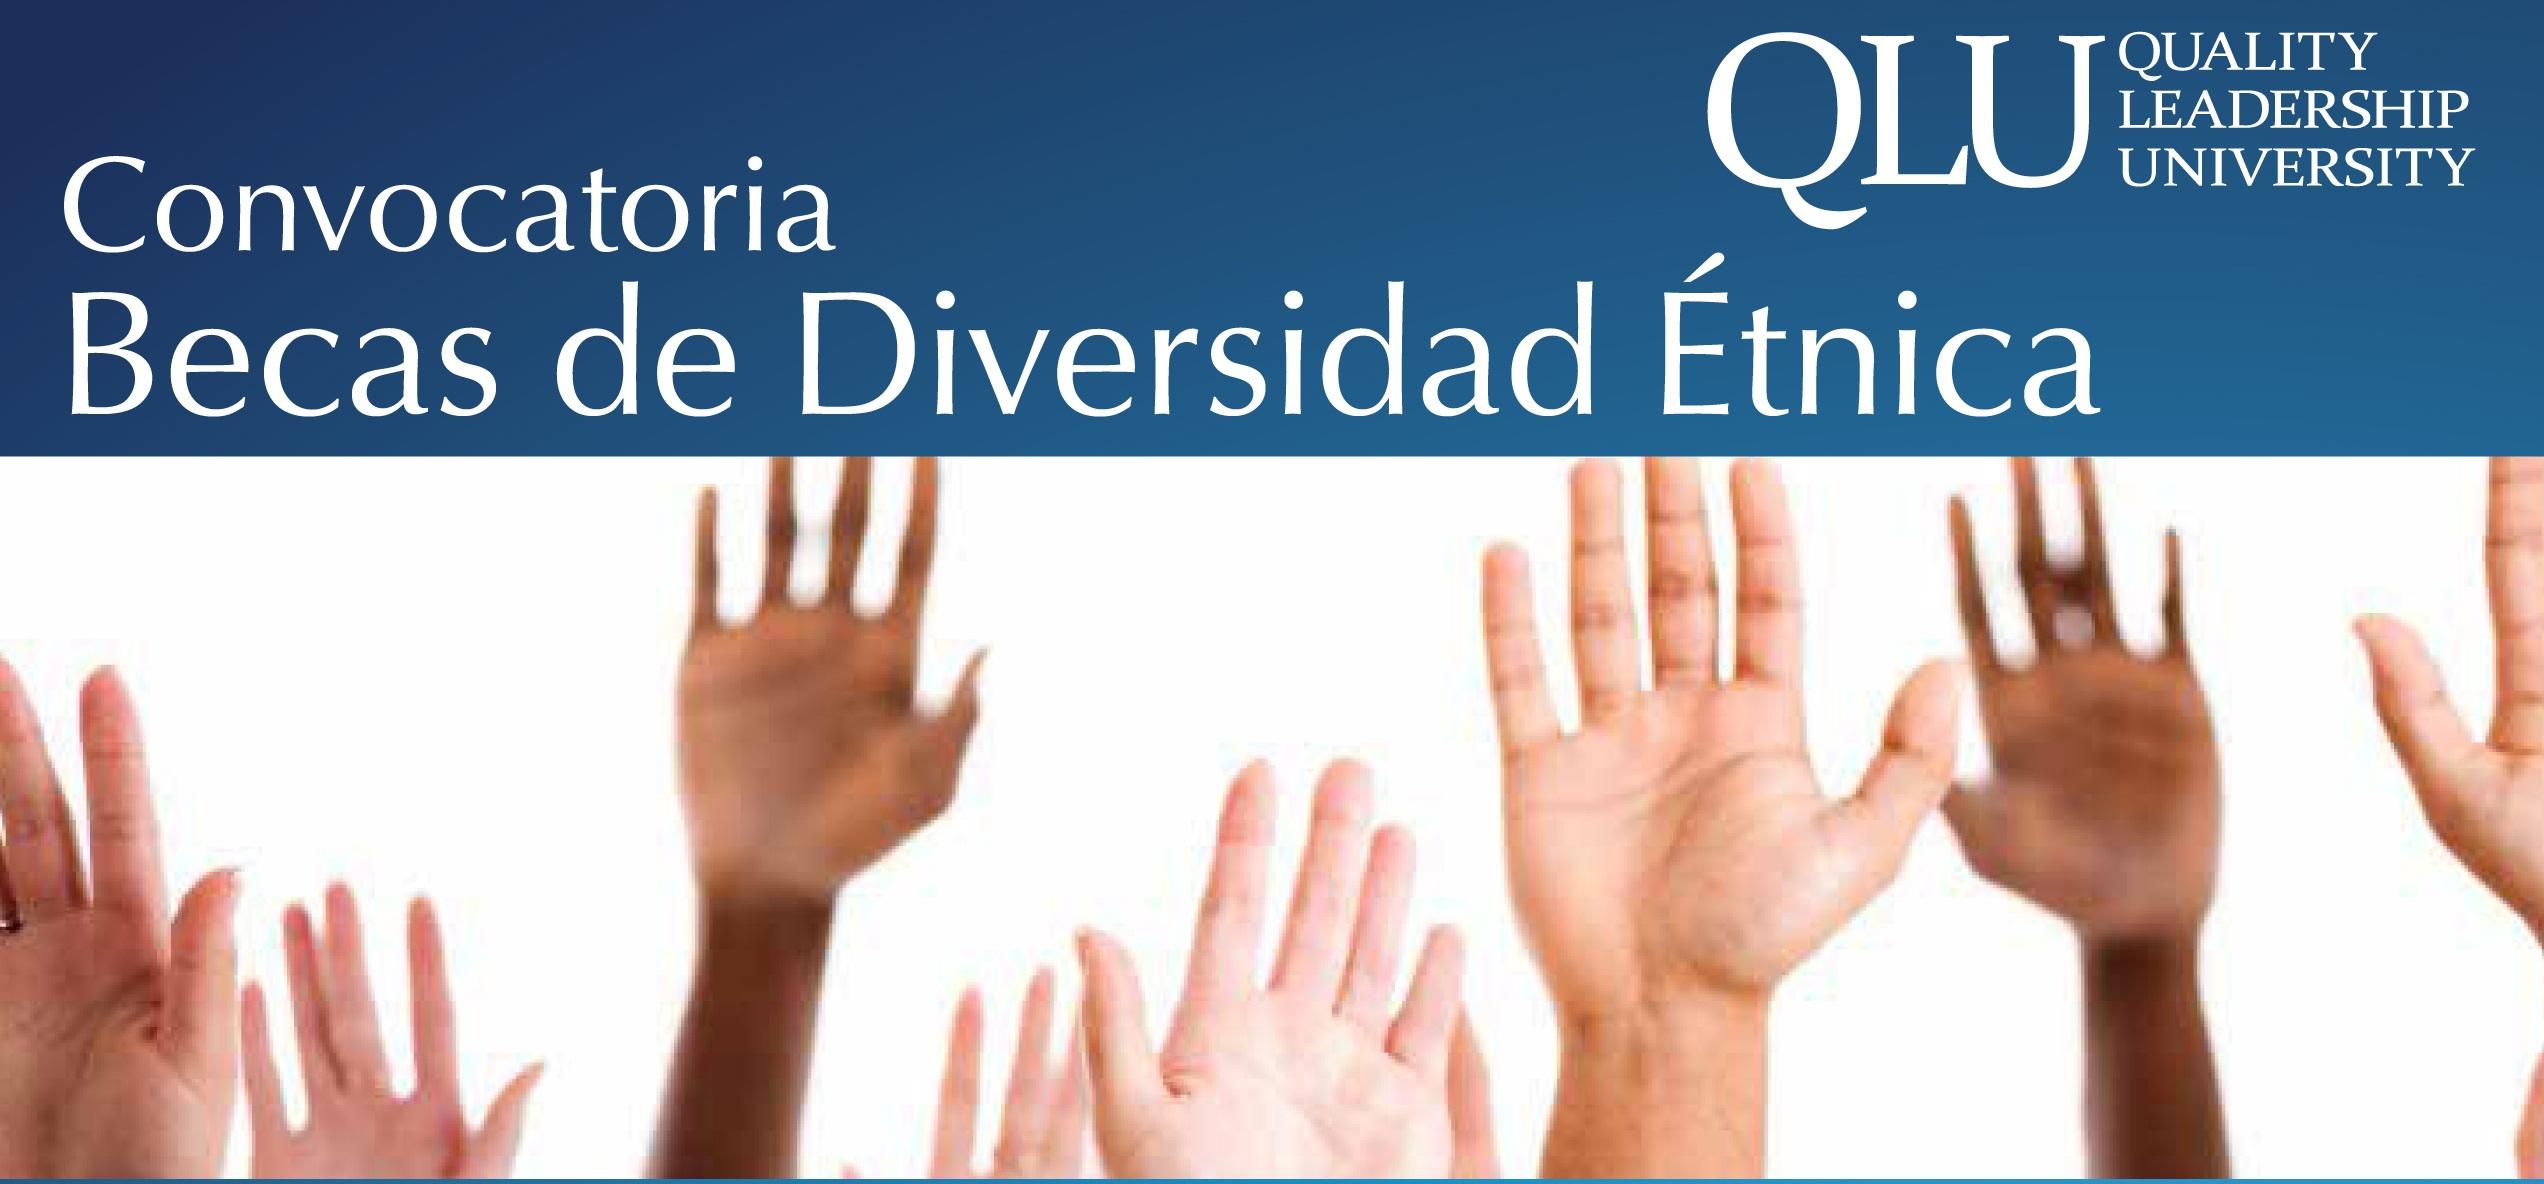 Convocatoria Becas De Diversidad Tnica